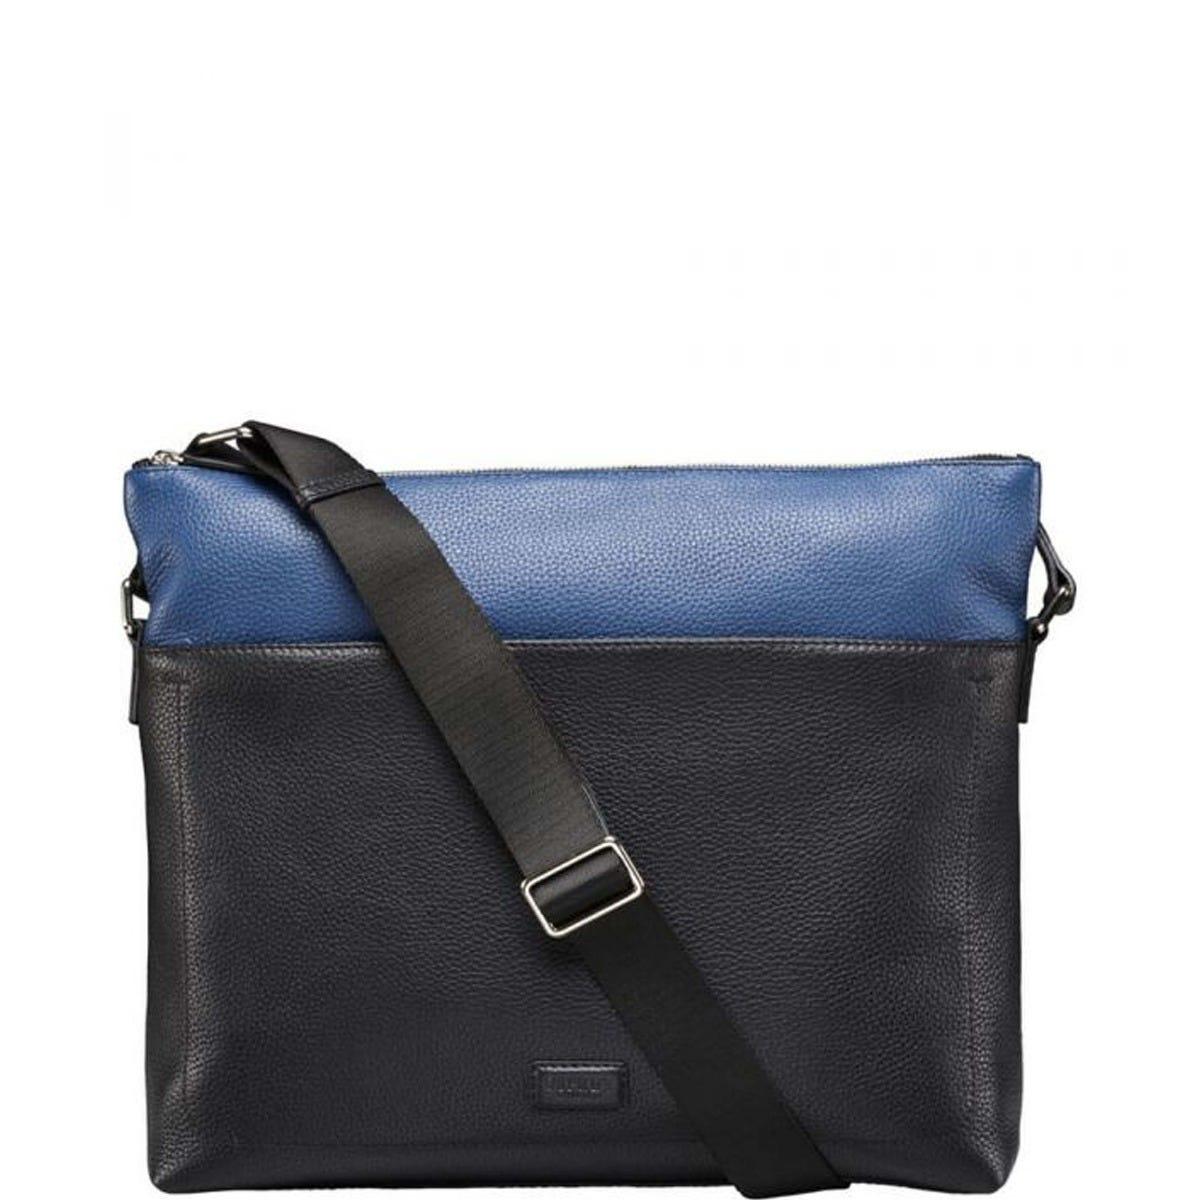 THE BLACK & BLUE LEATHER MESSENGER BAG